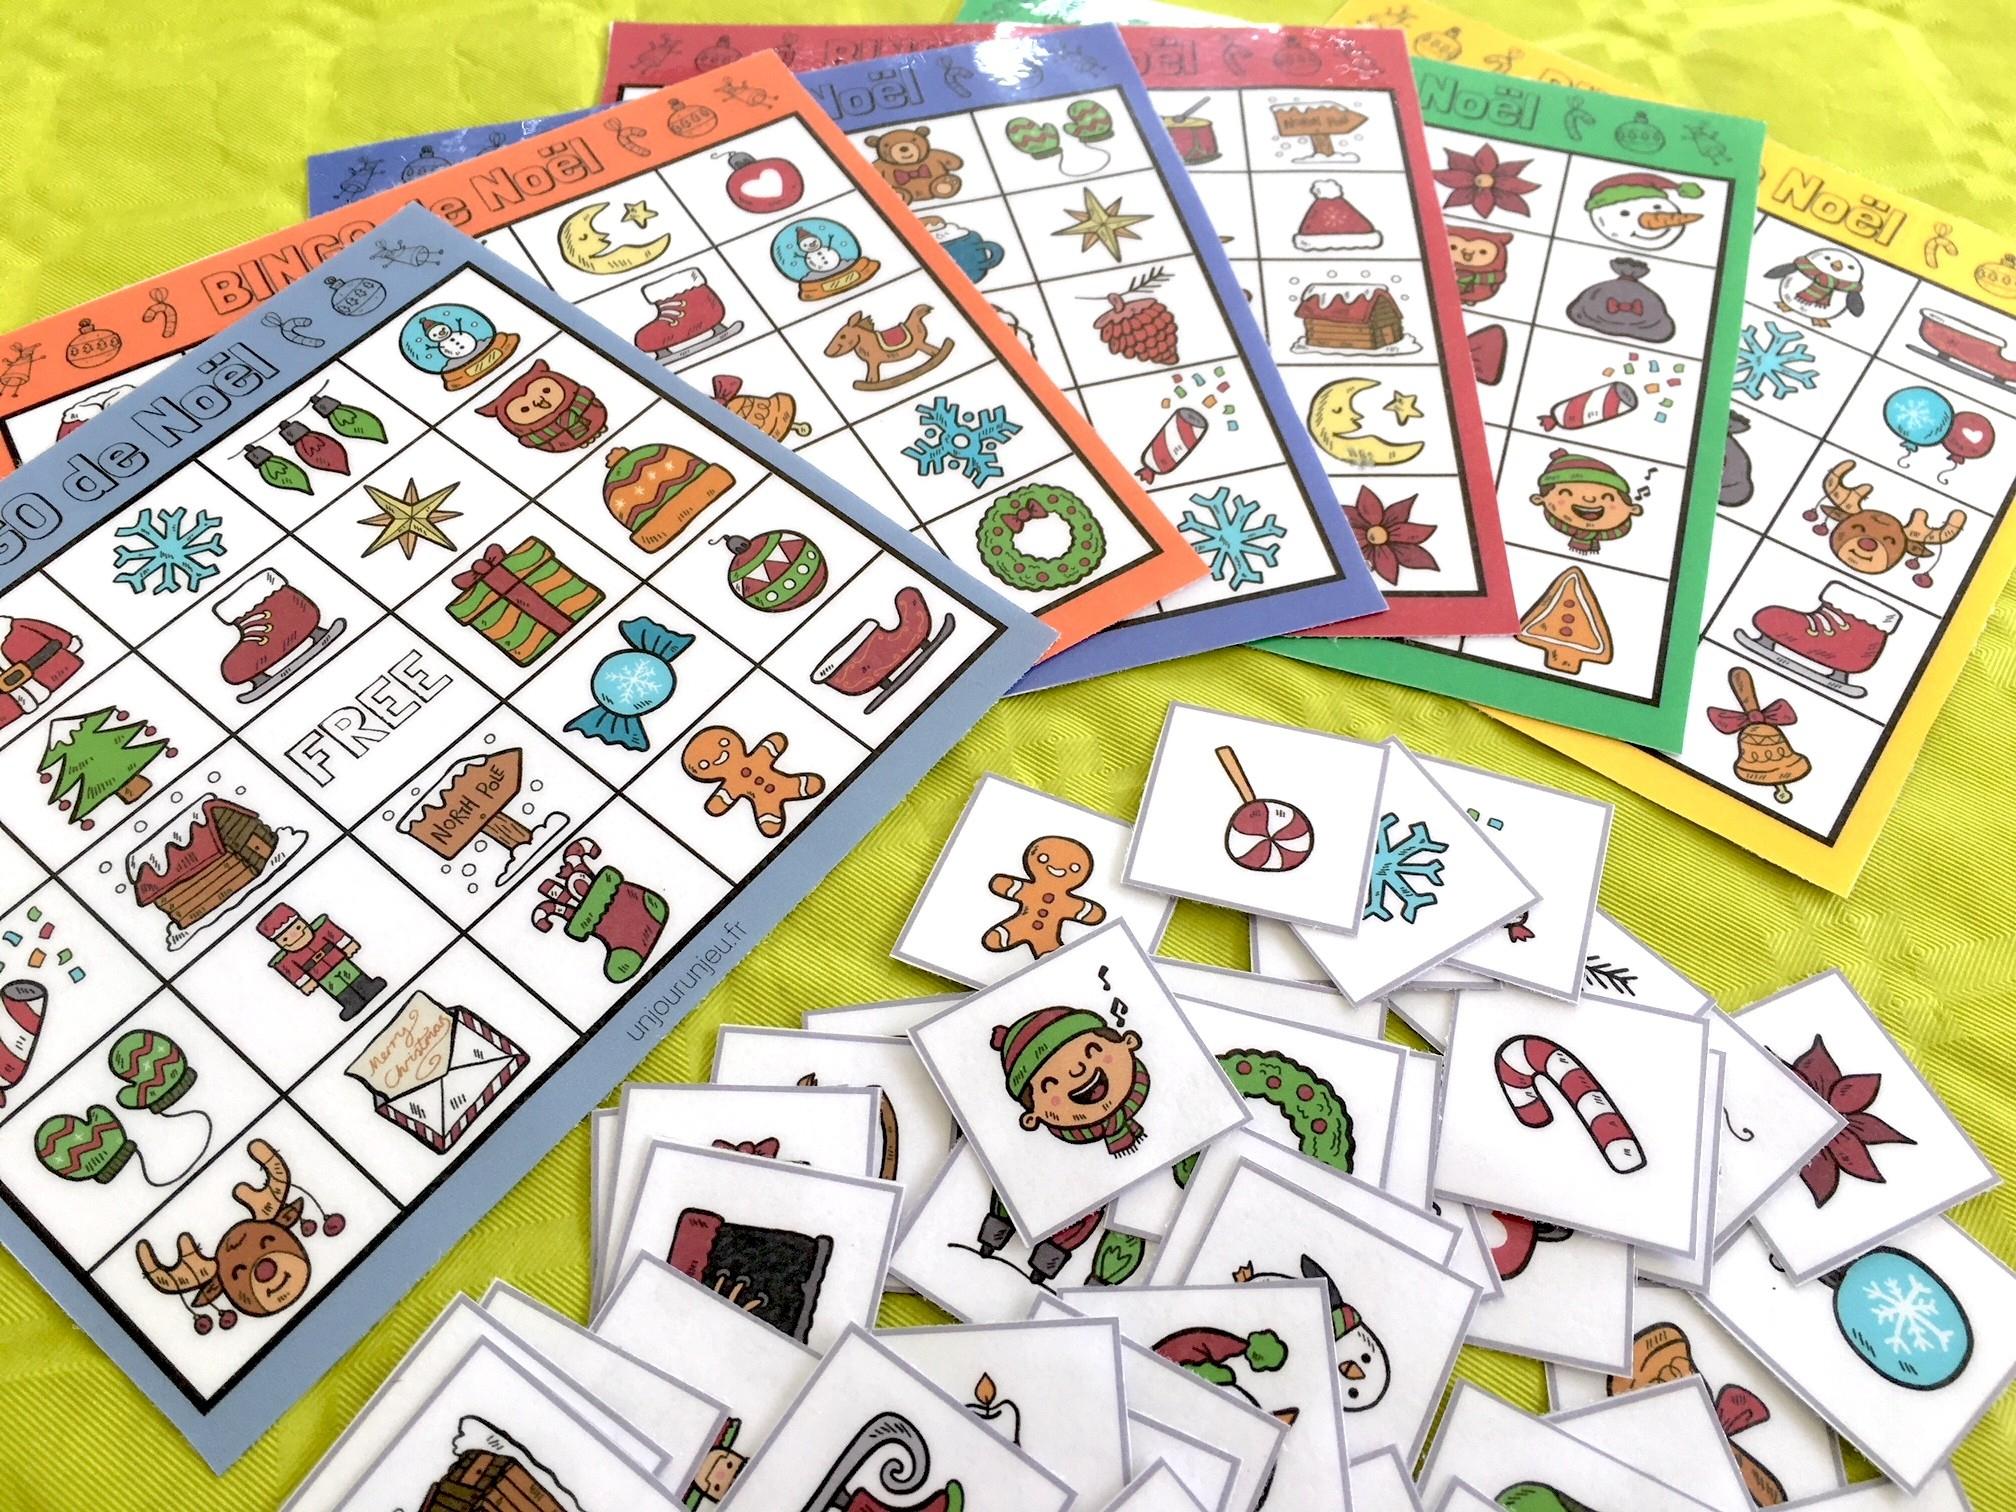 Jeu De Noël : Bingo À Télécharger Gratuitement Pour Vos Enfants dedans Jeux De Cartes À Télécharger Gratuitement